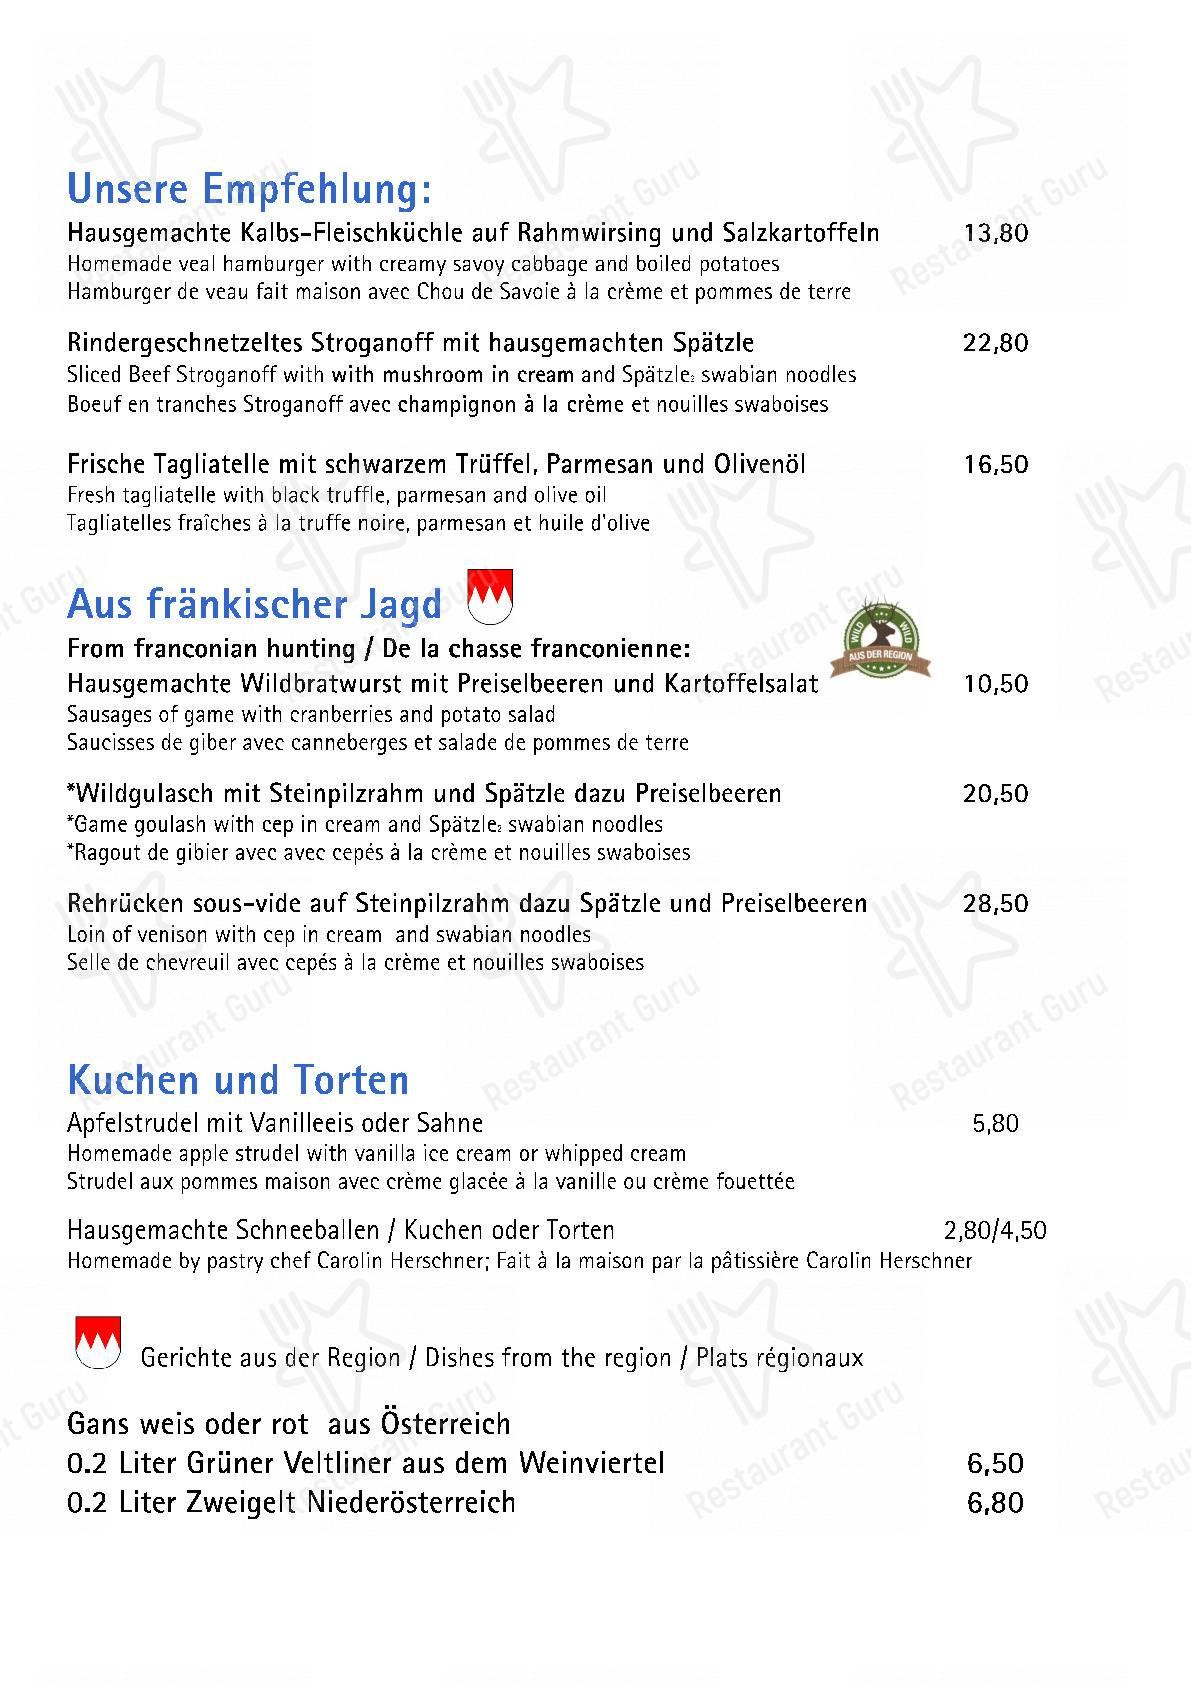 Seht euch die Speisekarte von Hotel Reichsküchenmeister, das Herz von Rothenburg an